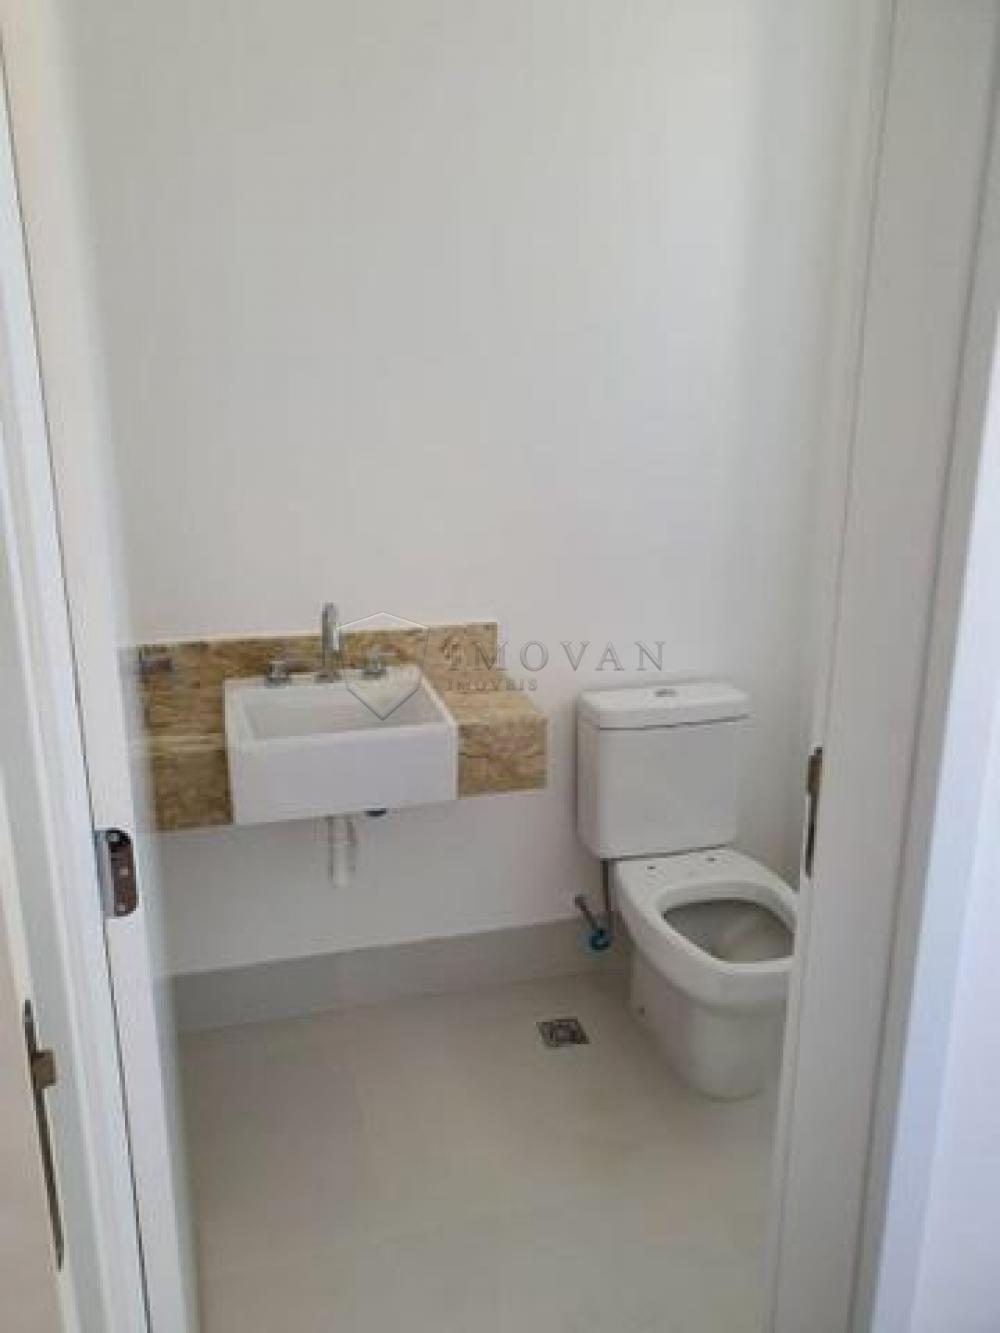 Comprar Apartamento / Padrão em Ribeirão Preto apenas R$ 520.000,00 - Foto 16